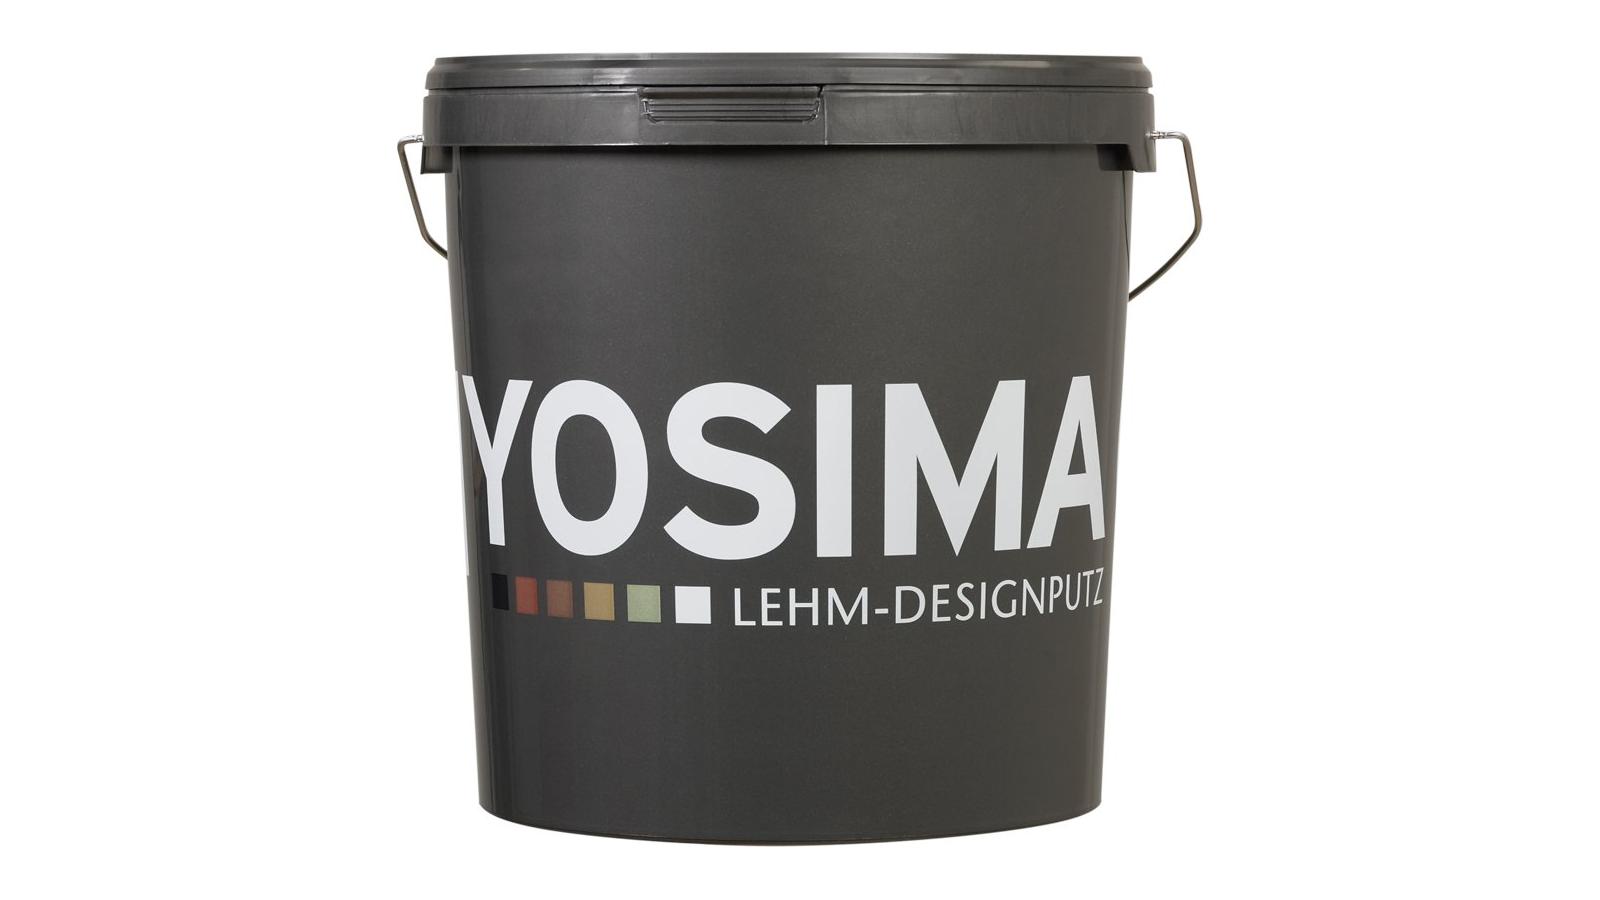 YOSIMA Lehm-Designputz Eimer